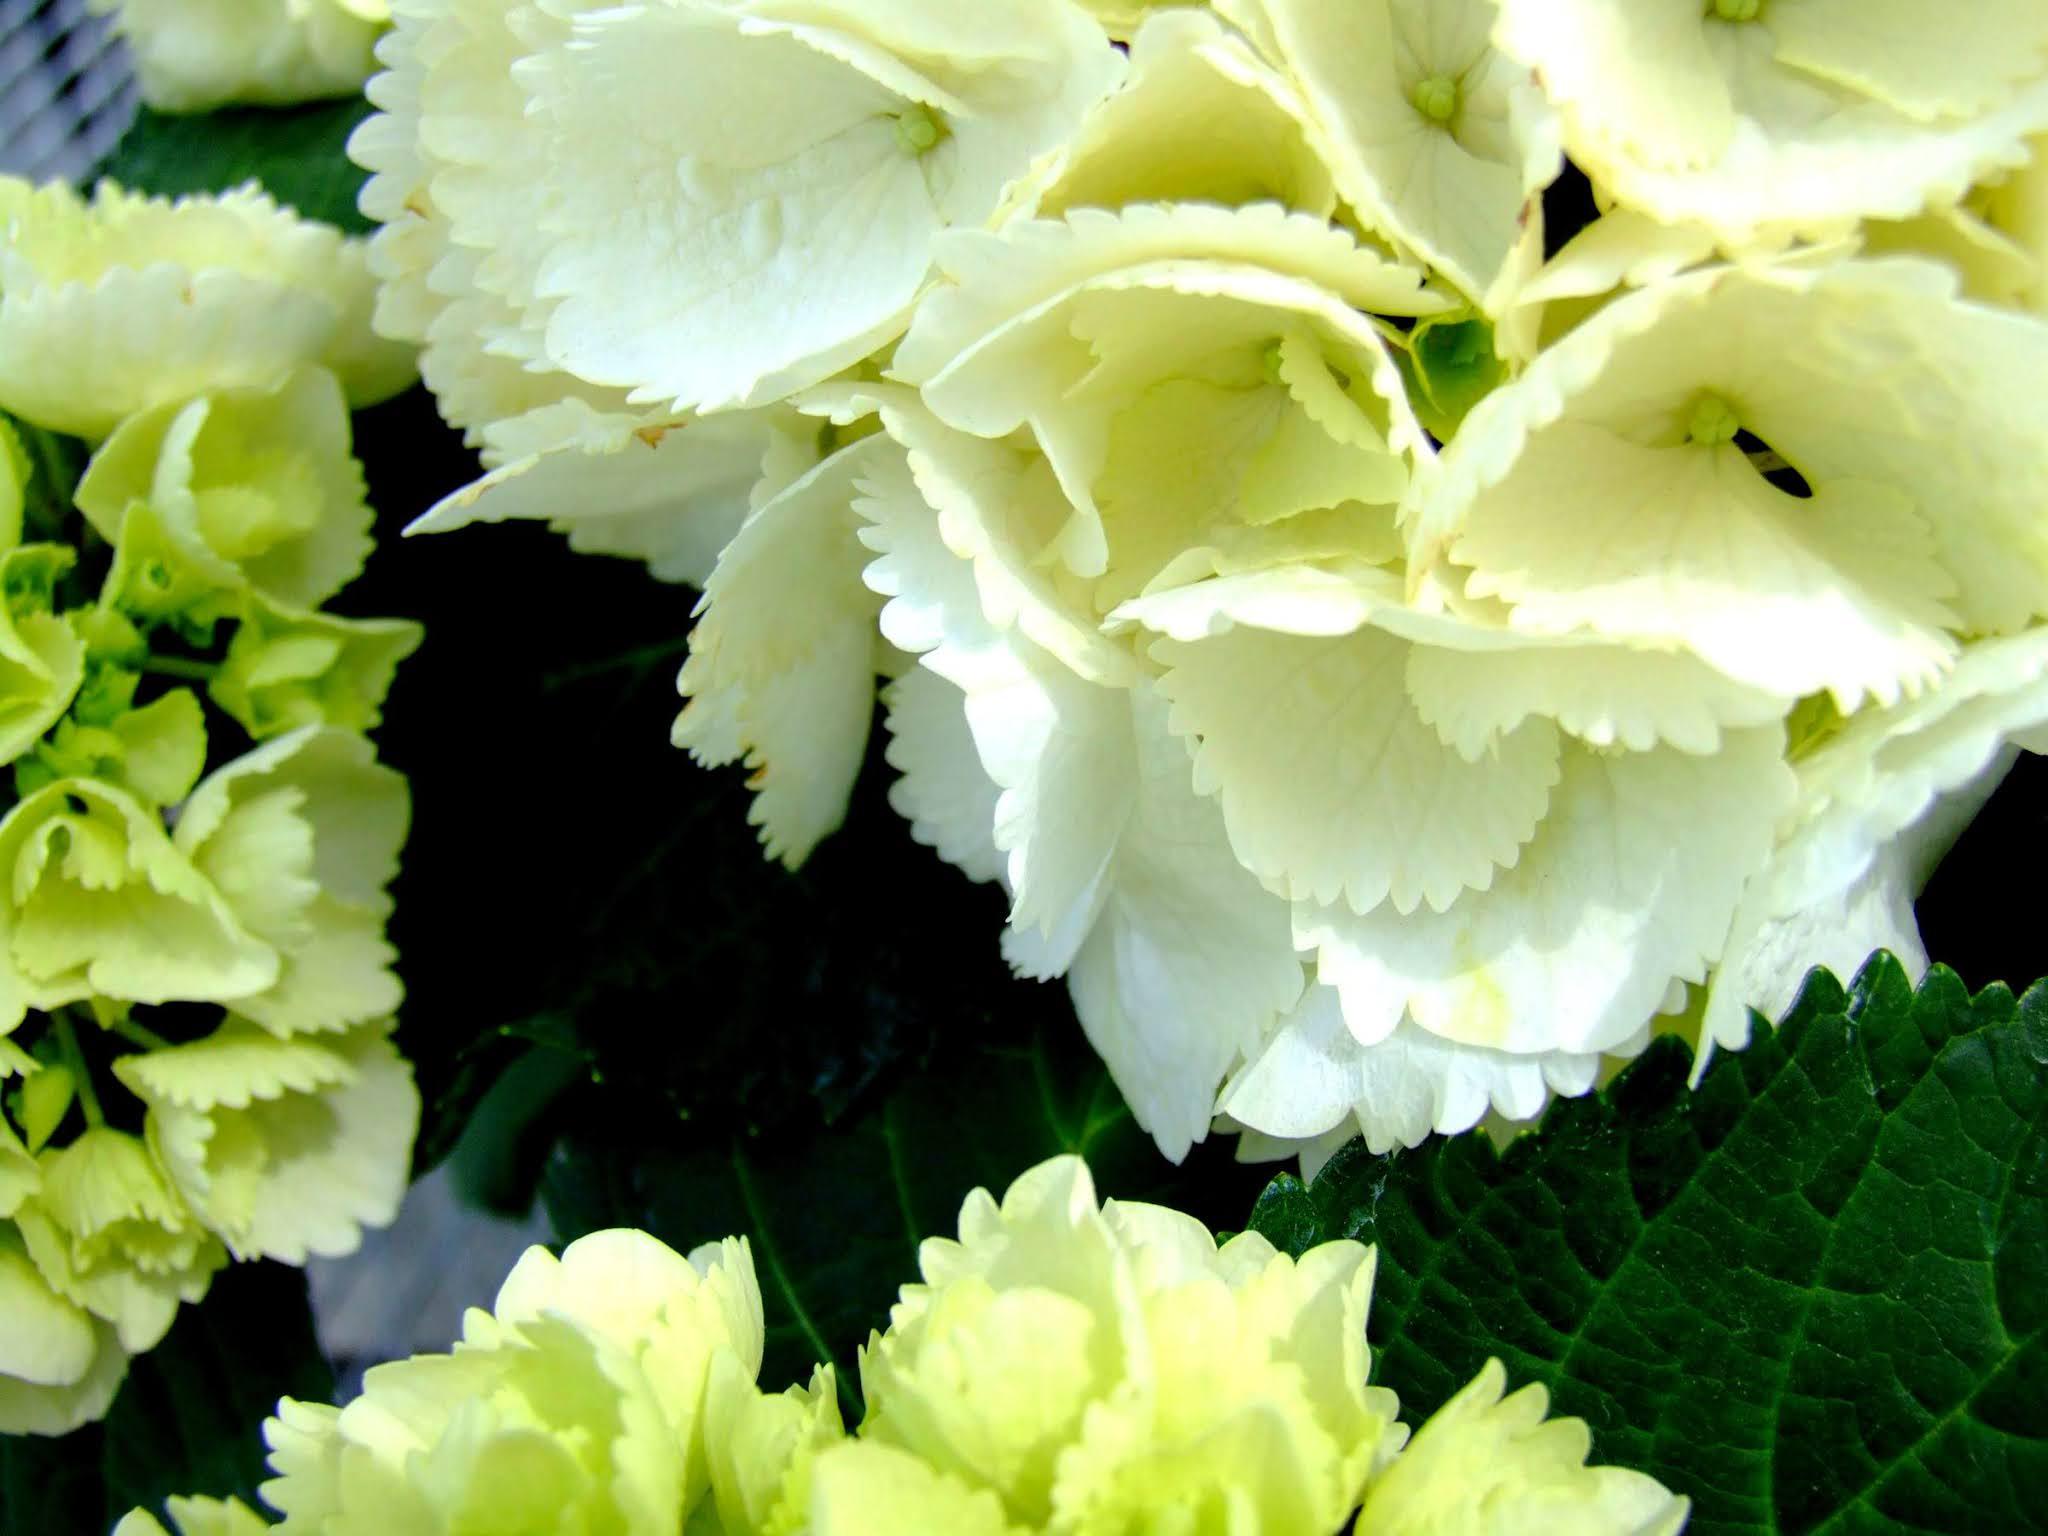 おそらく、シュガーホワイトという品種の白いあじさいの写真素材です。清楚できれいですよね。